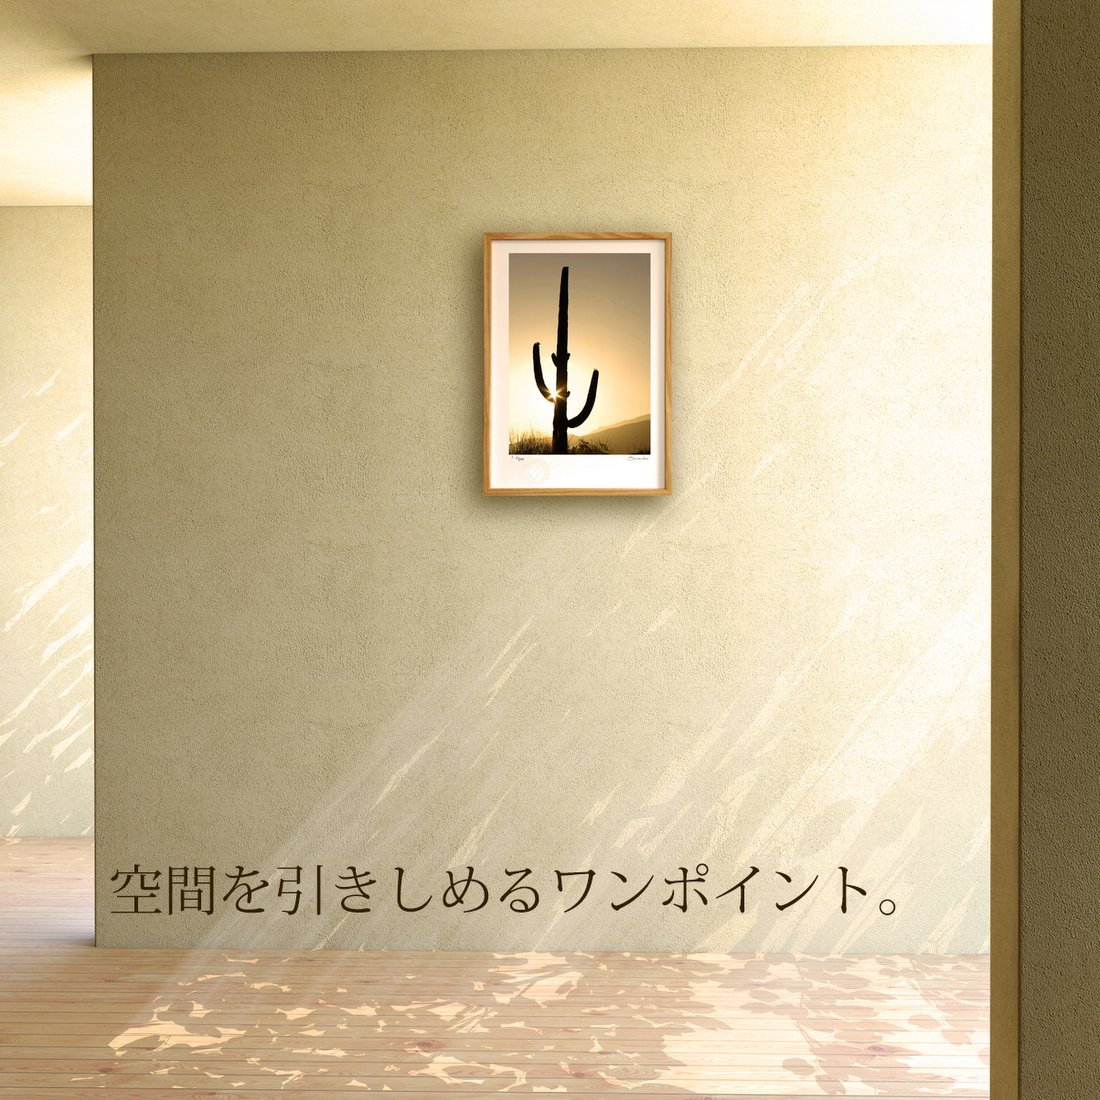 【版画 絵画】カフェサイン オン ルート66(スミコ スコット)/インテリア 壁掛け 額入り アート アートパネル アートフレーム